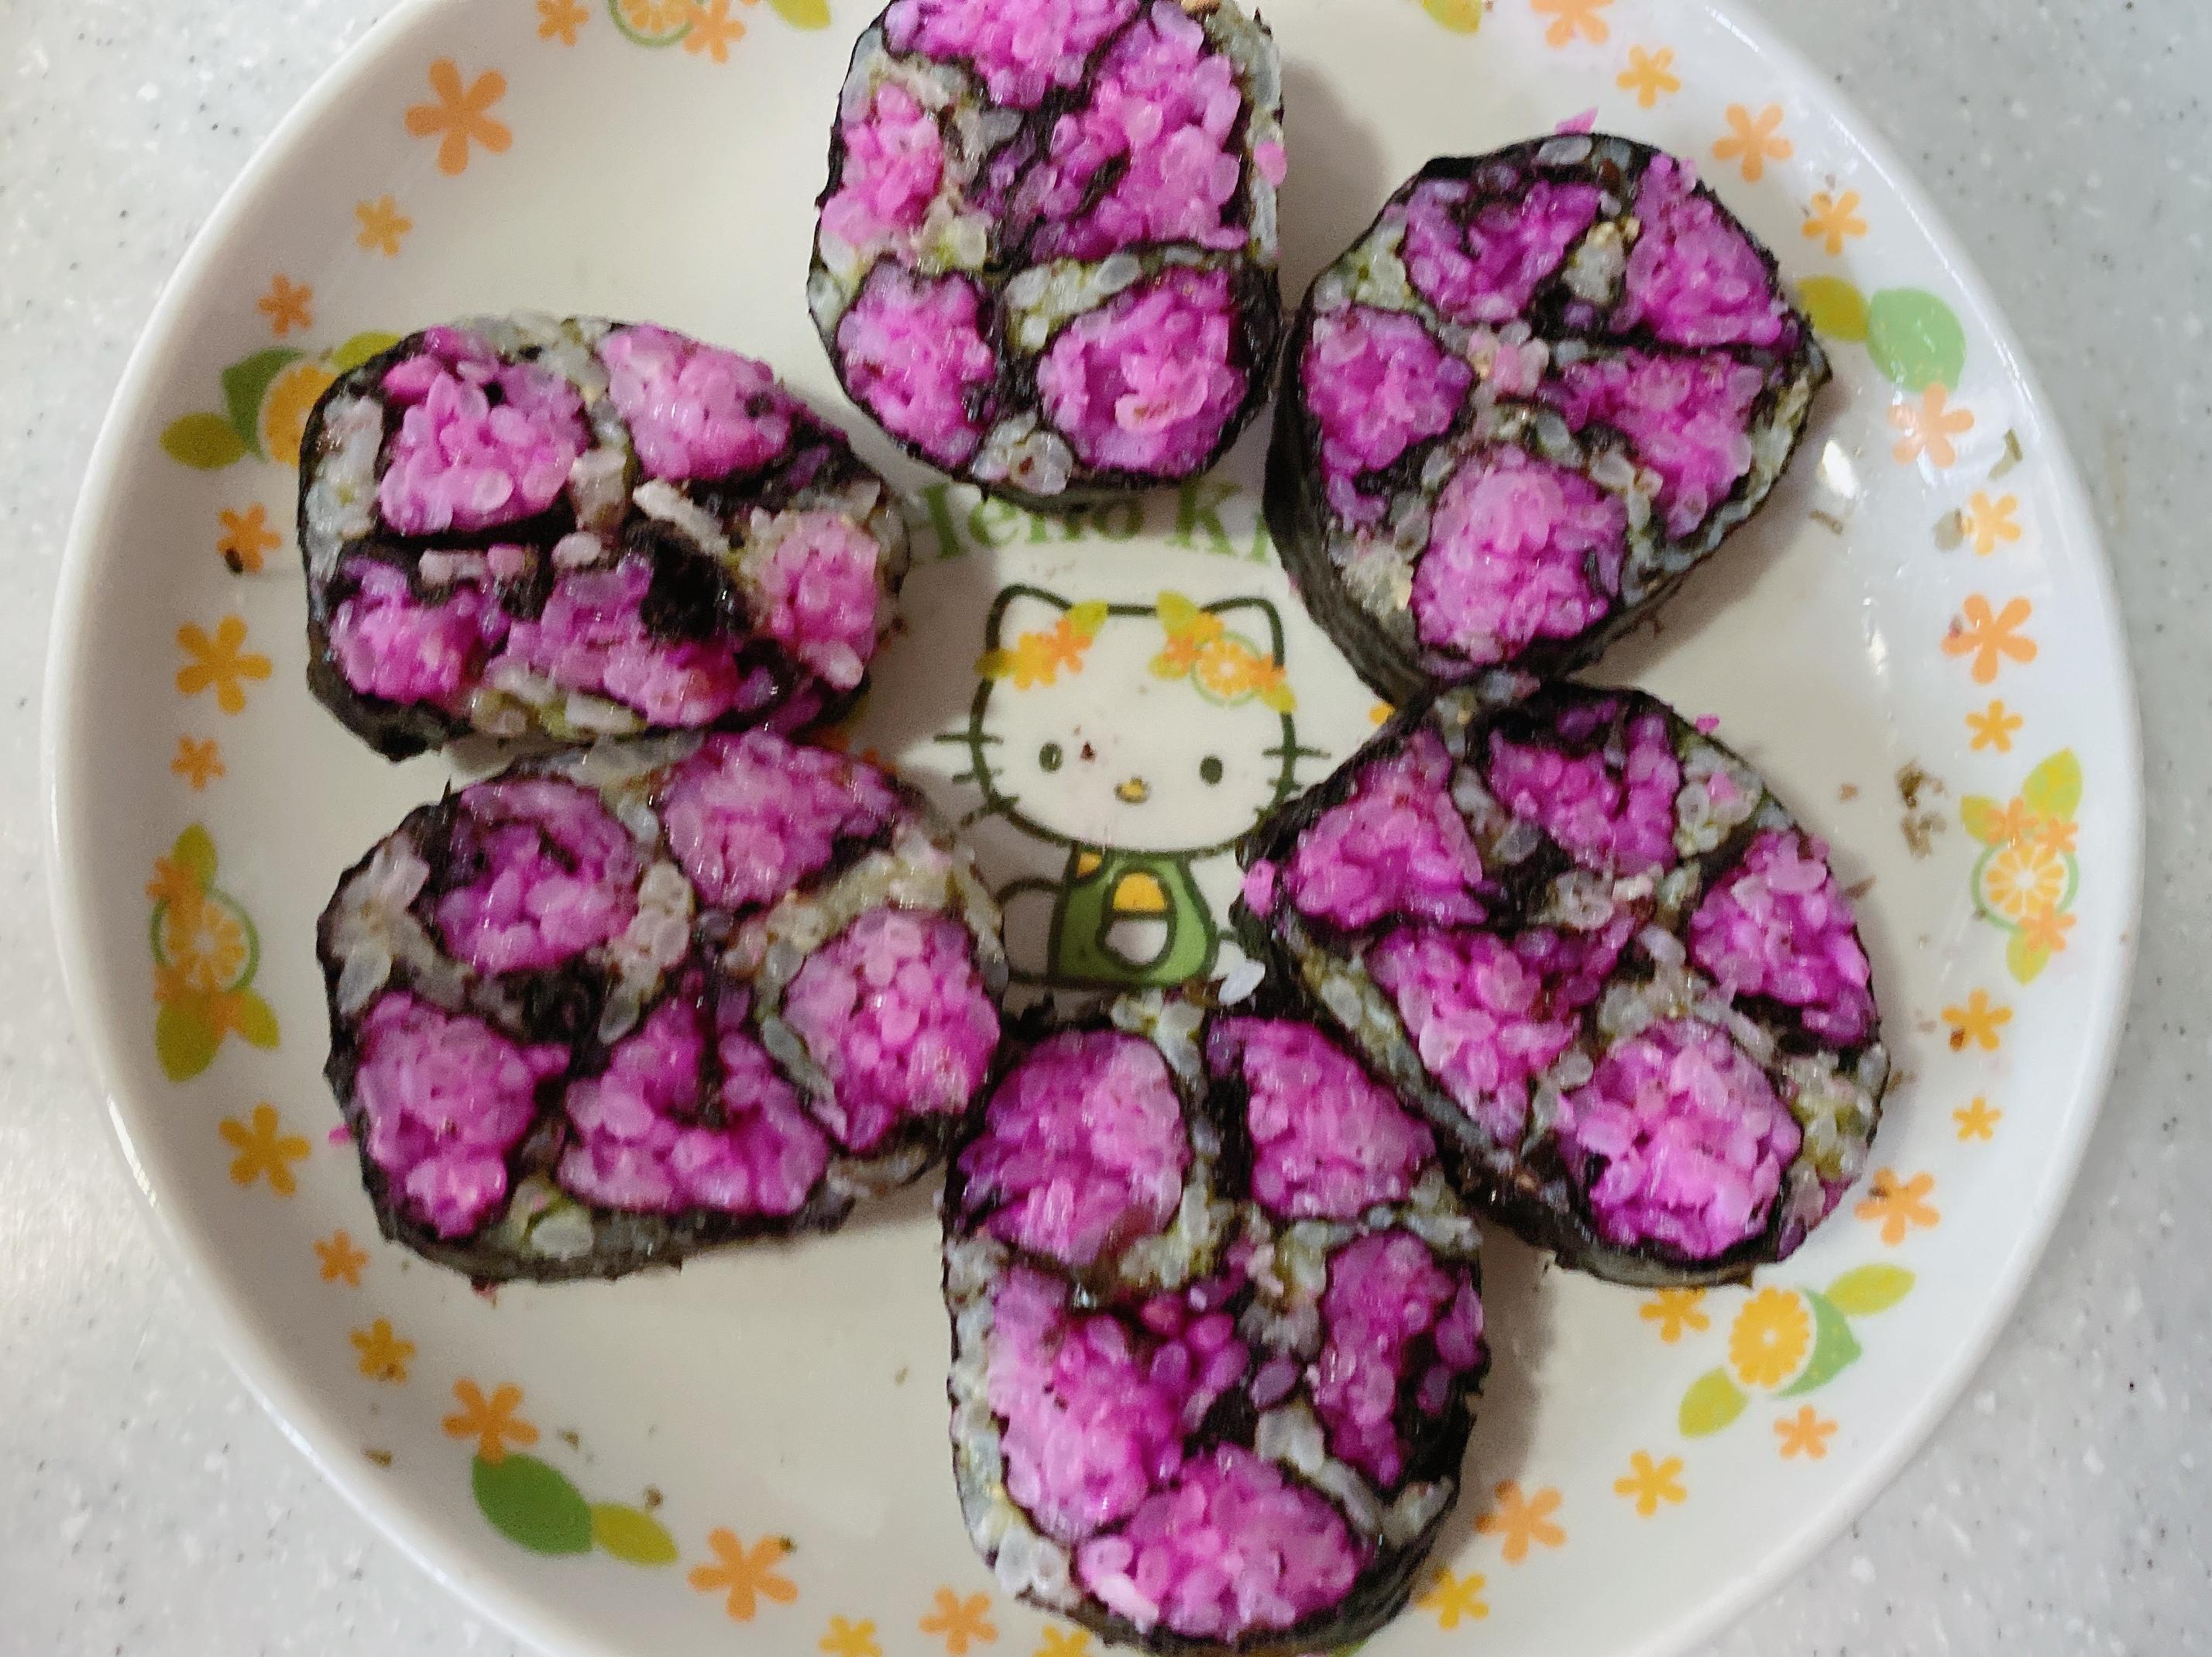 天然雙色壽司(大寶寶也可以吃喔)